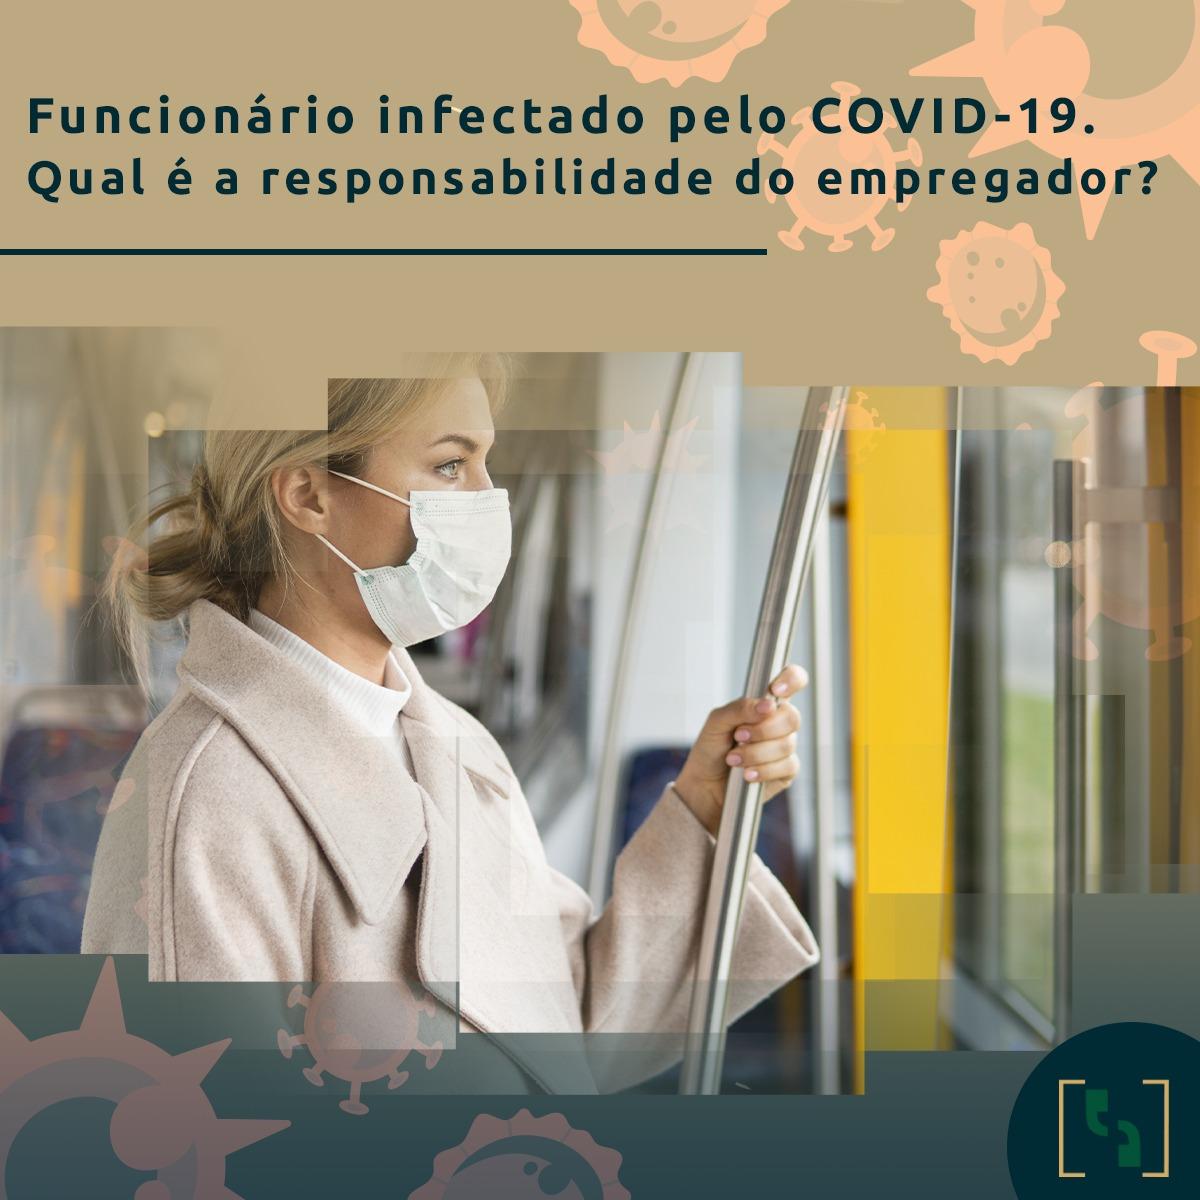 FUNCIONÁRIO INFECTADO PELO COVID-19. QUAL A RESPONSABILIDADE DO EMPREGADOR?